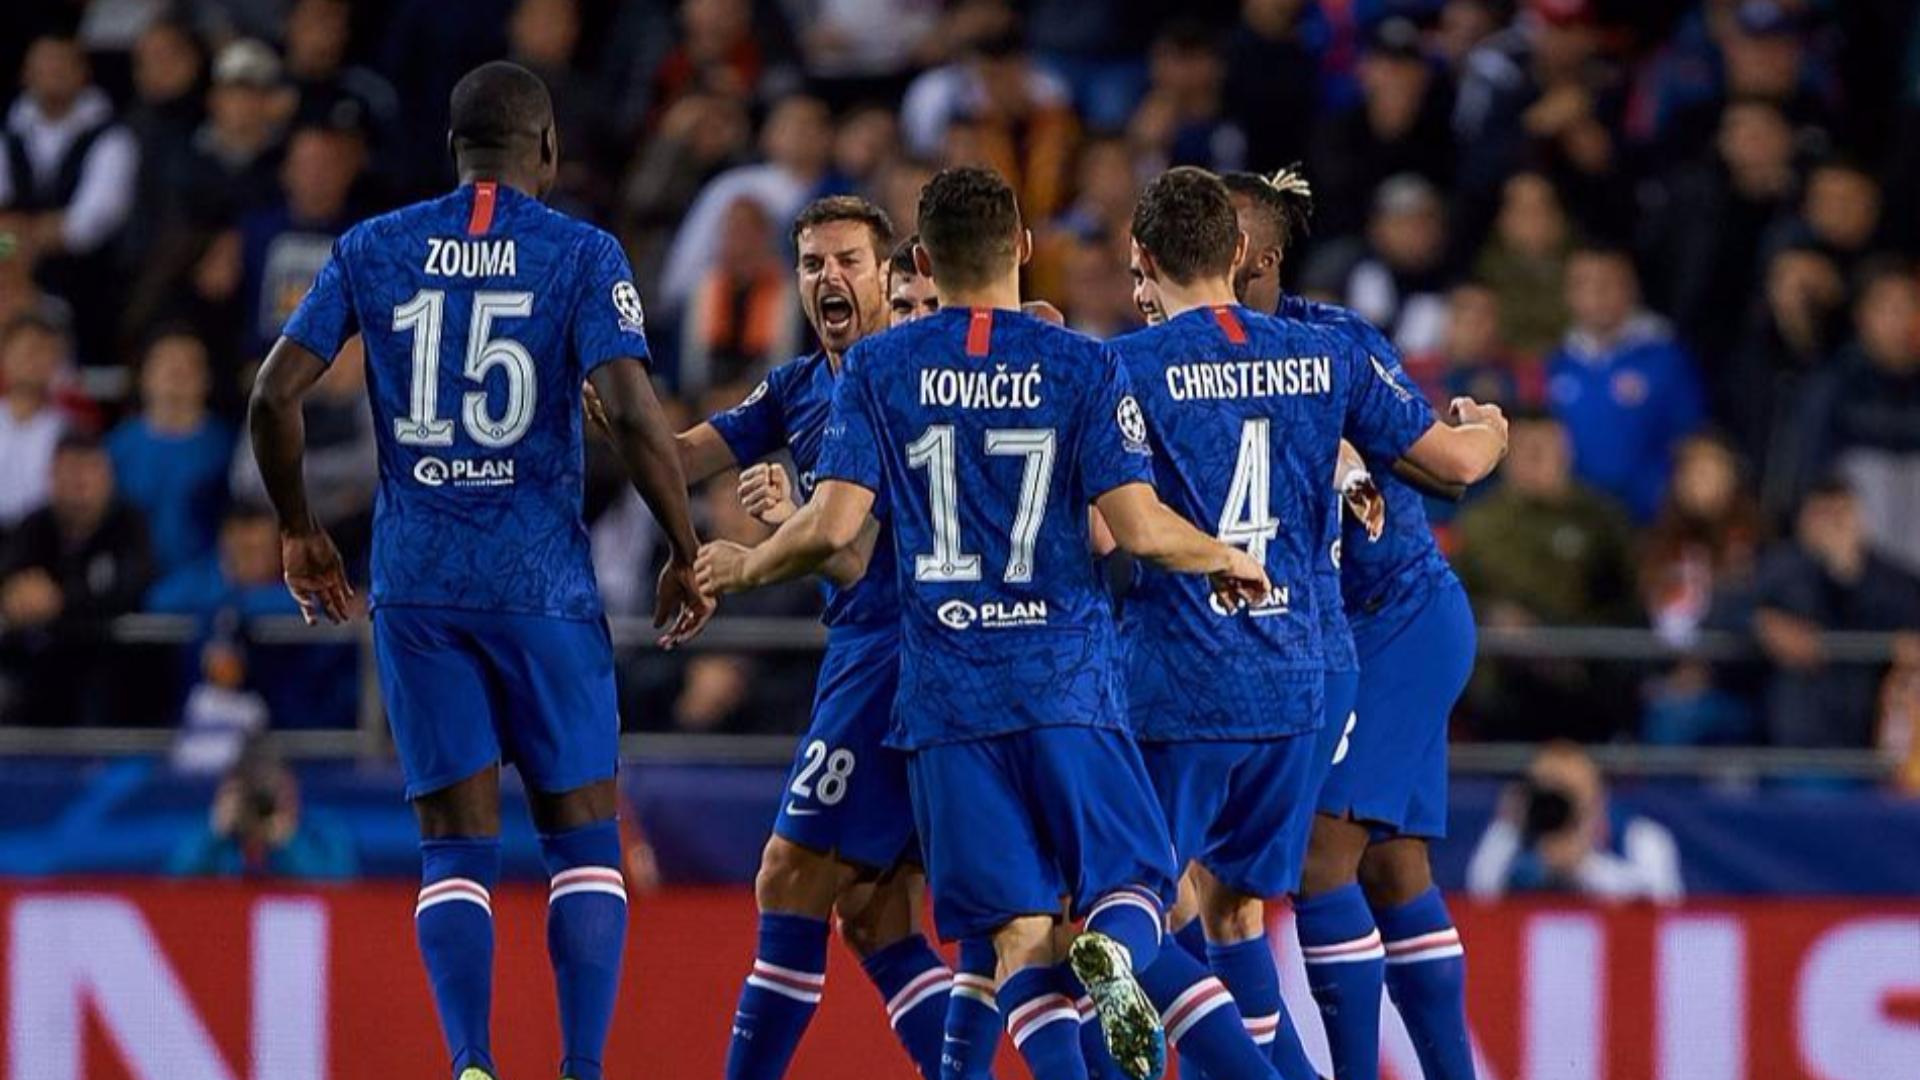 2019-2020赛季欧冠小组赛第5轮 瓦伦西亚vs切尔西 全场集锦